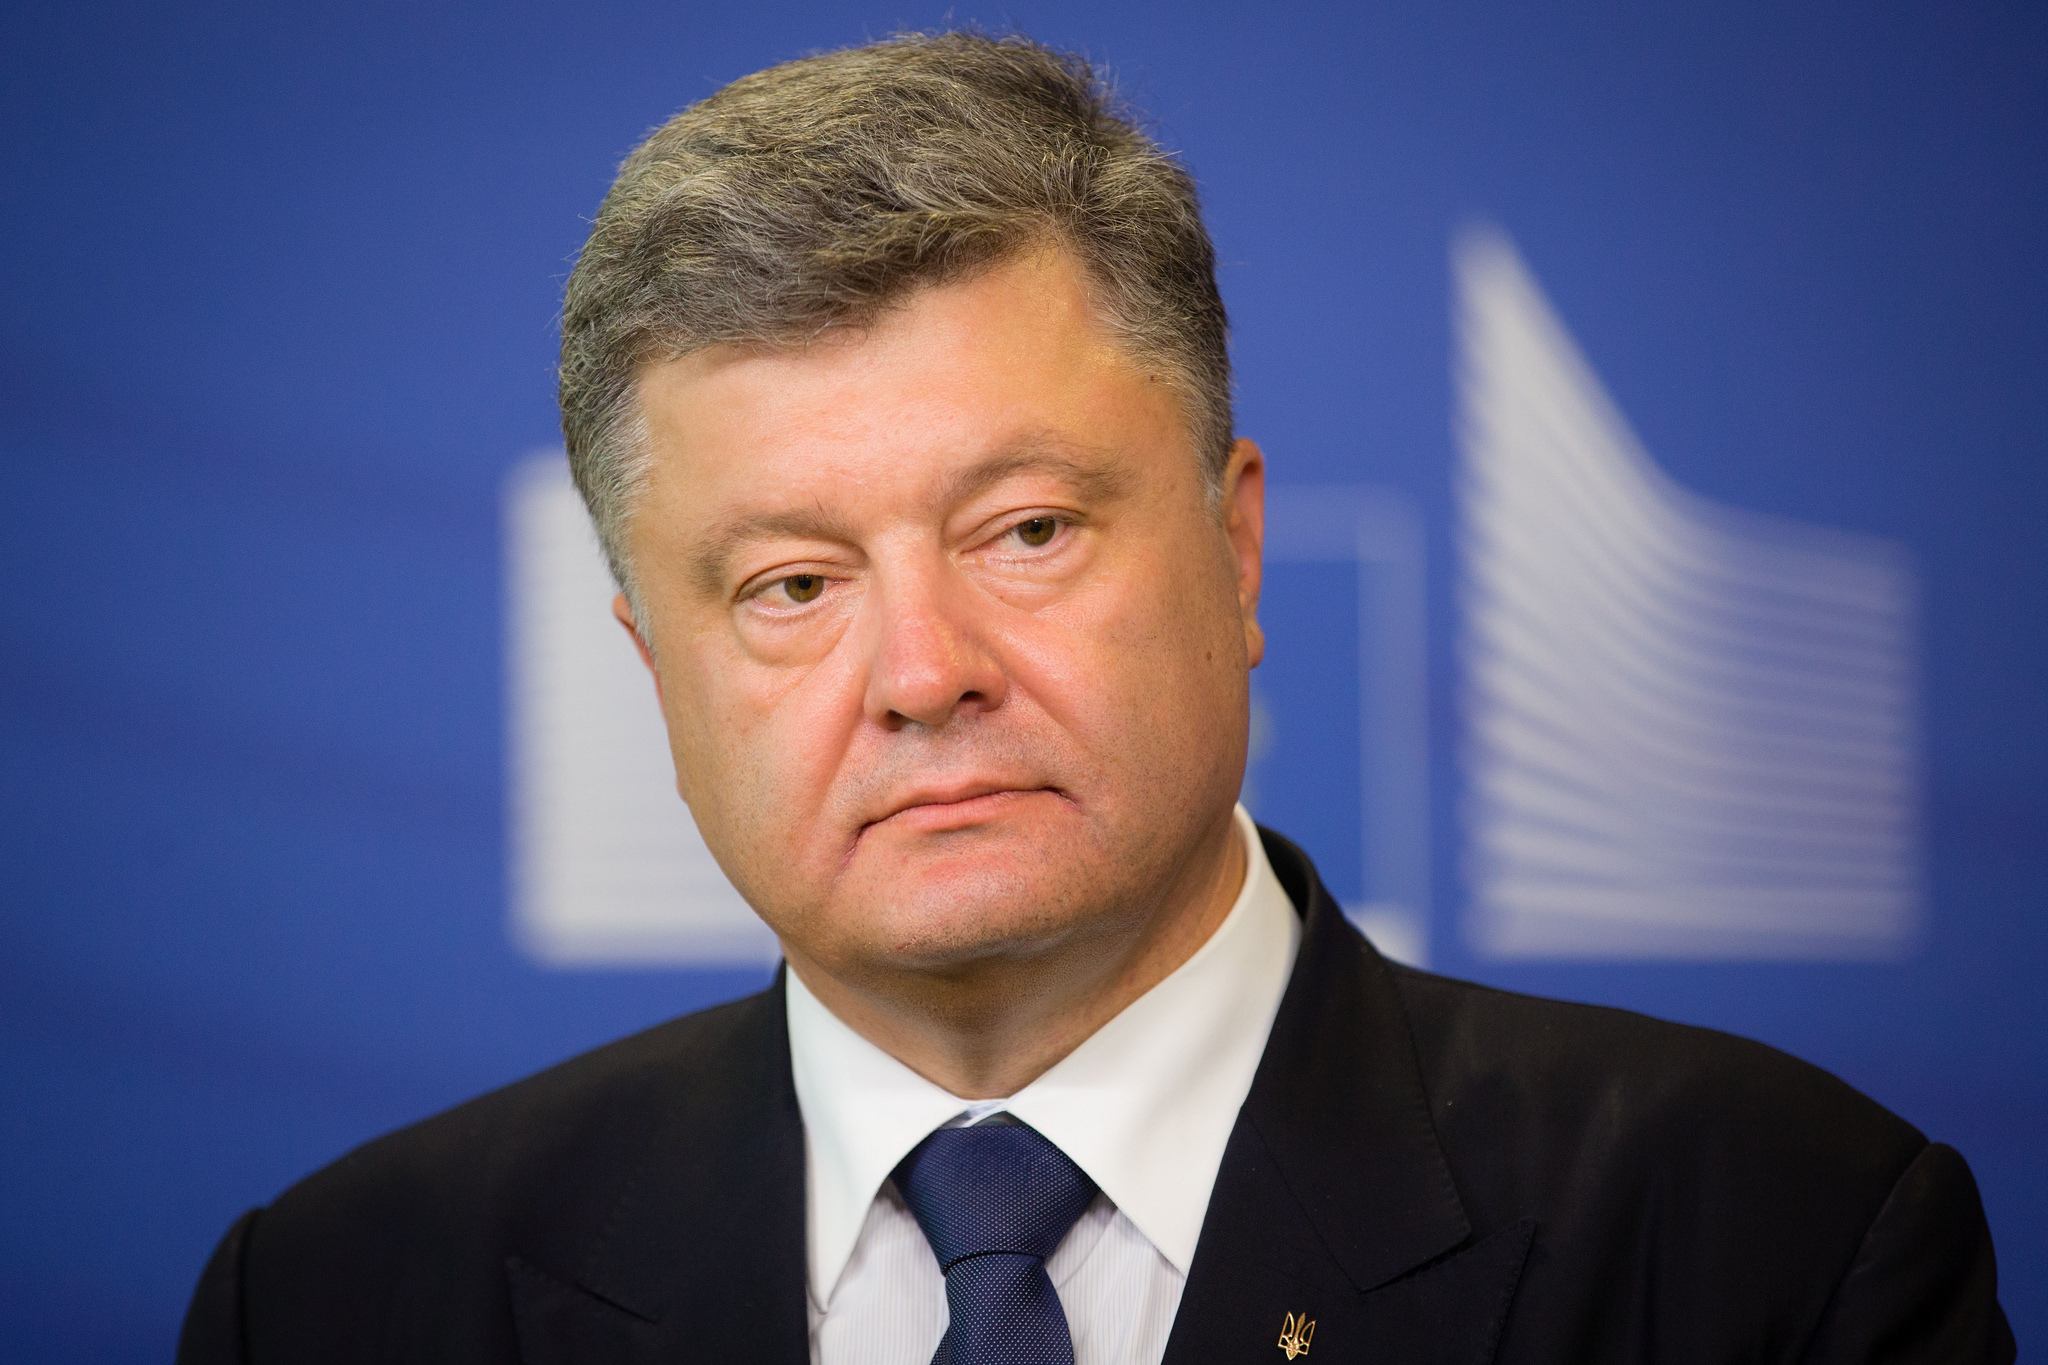 Порошенко поразил украинцев очередным заявлением: «Мы воюем, чтобы похоронить советский союз»